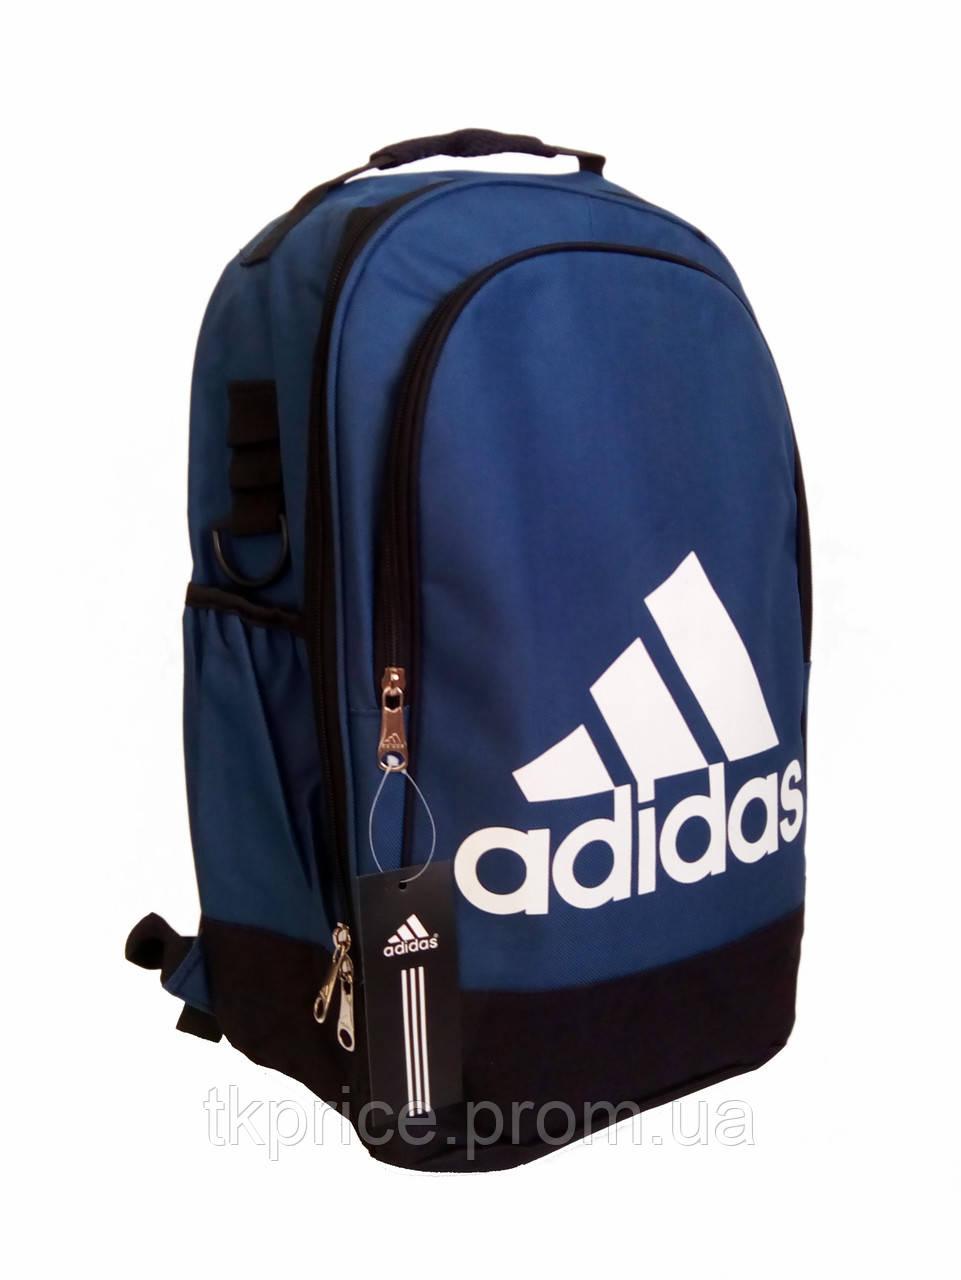 56e5a20934cd Универсальный рюкзак для школы и прогулок качественная реплика Adidas синий  - Интернет-магазин